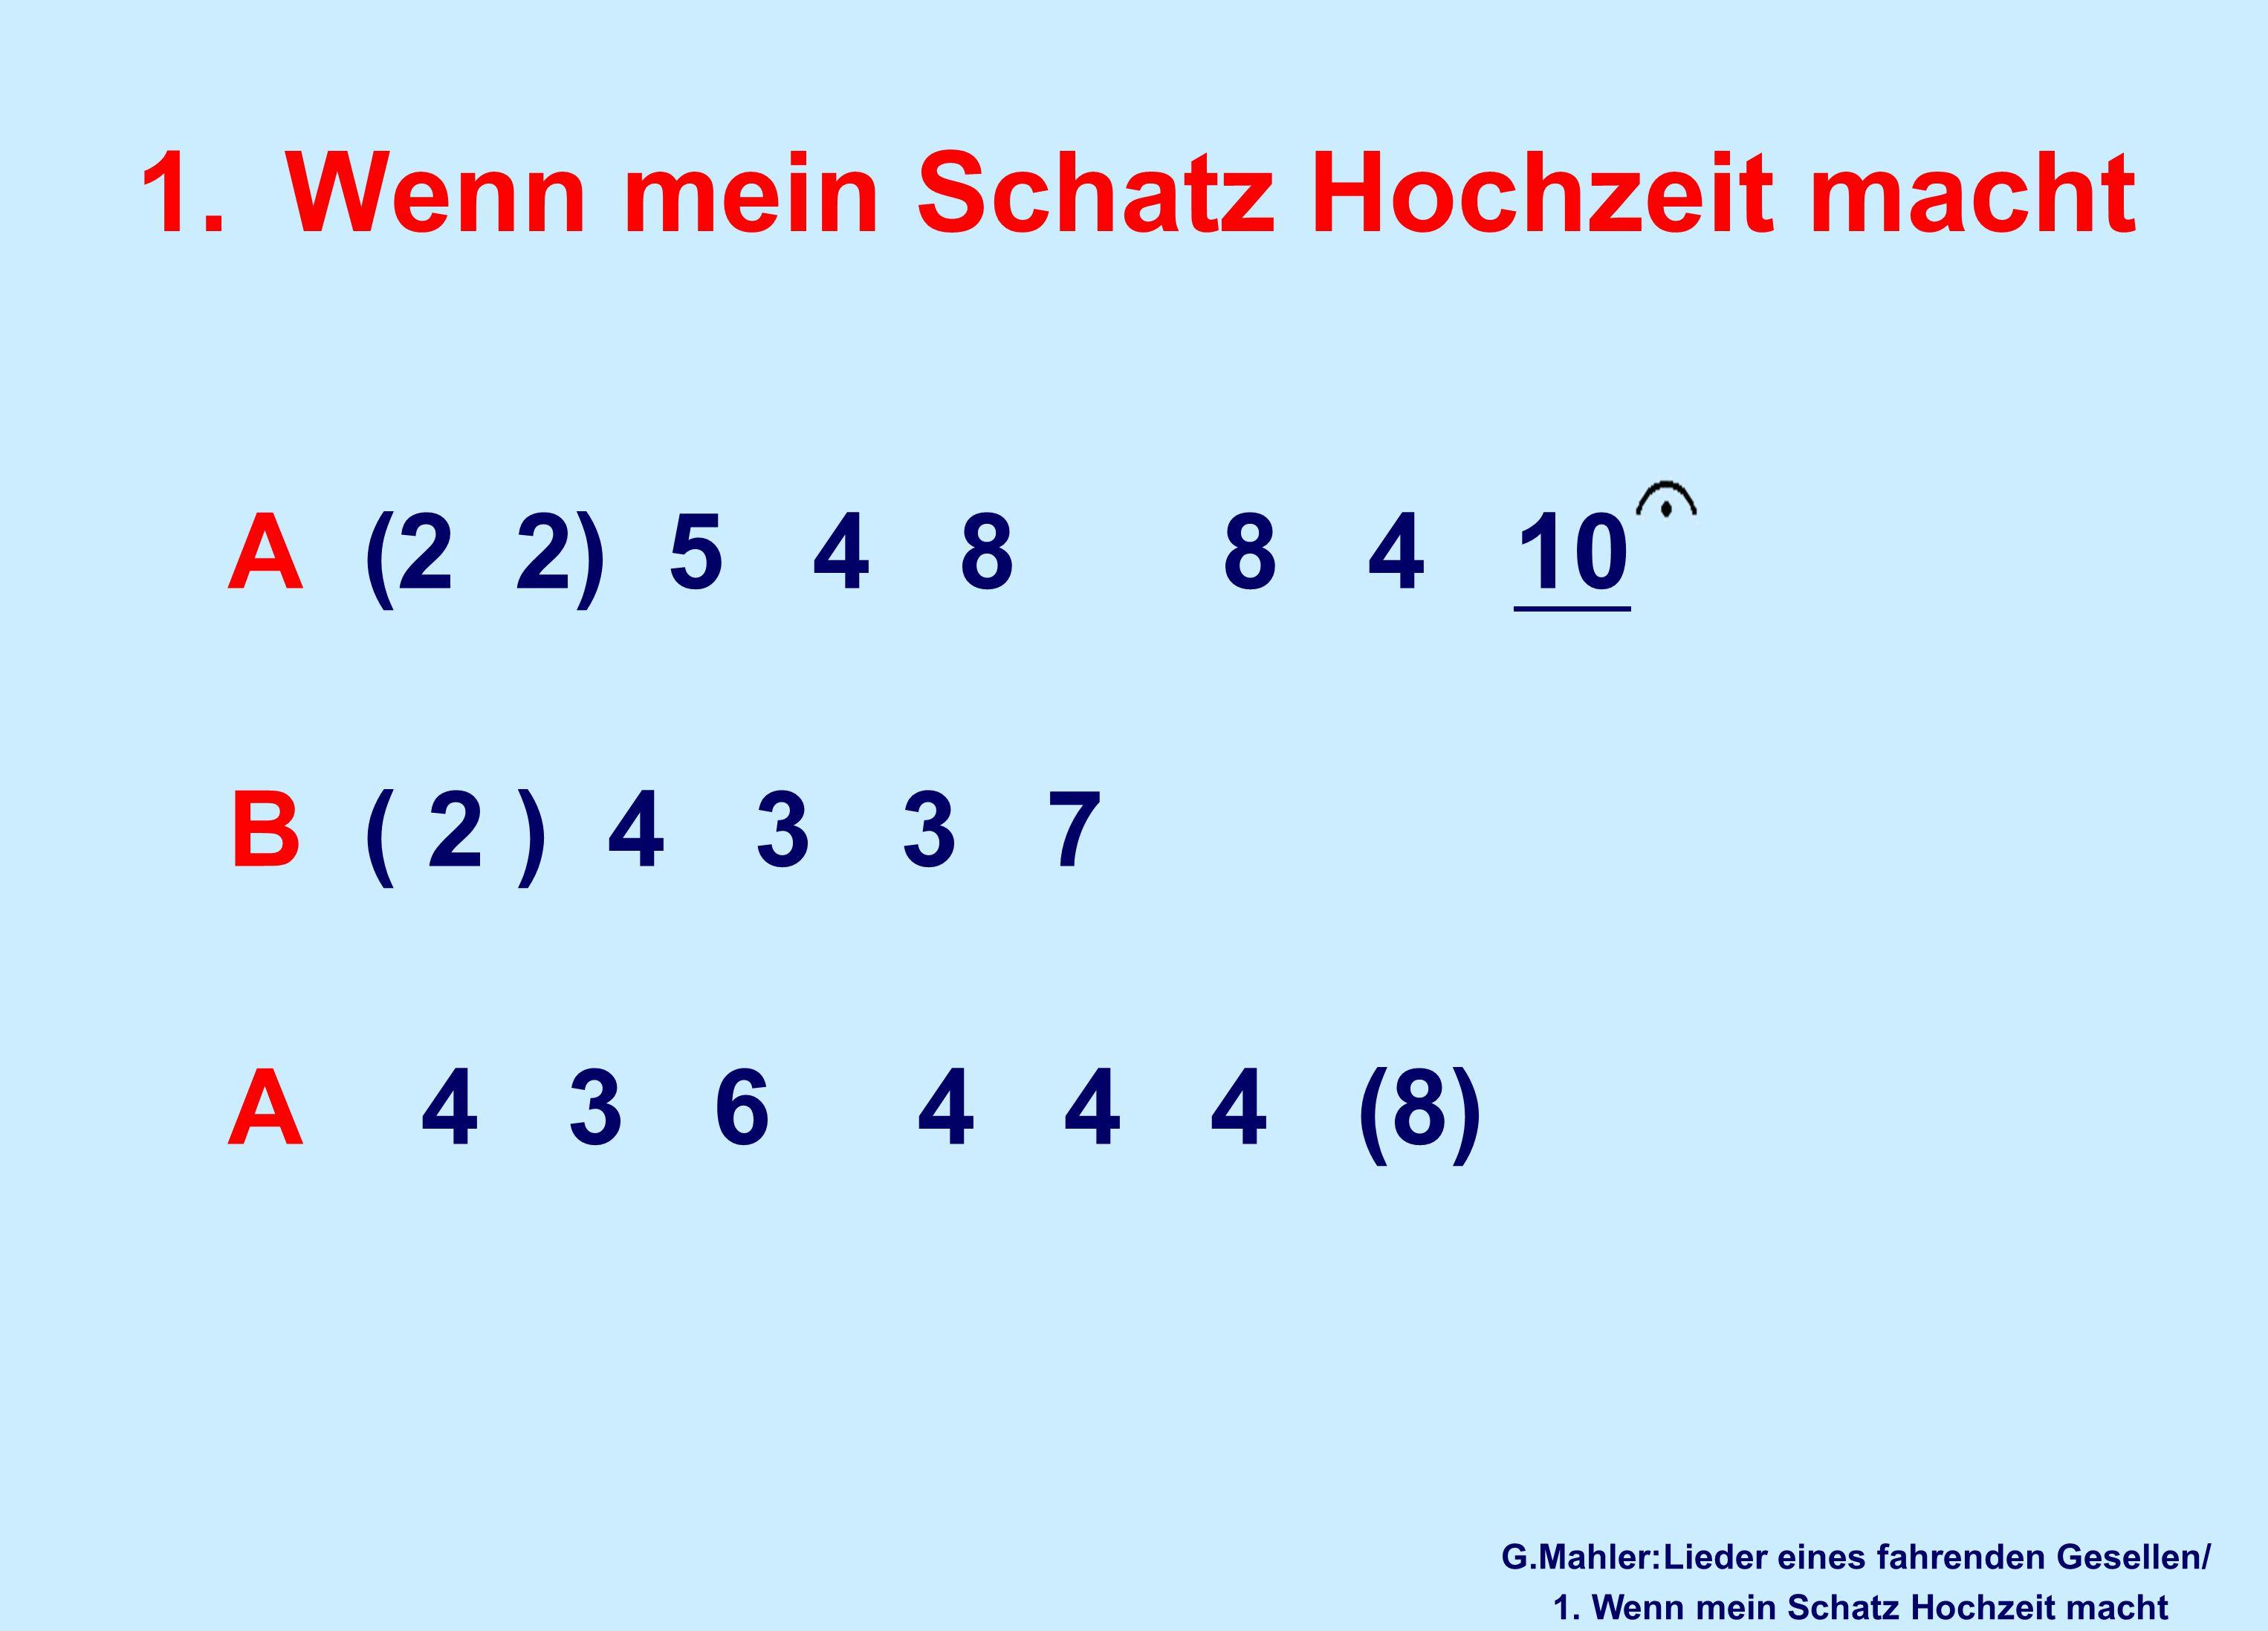 1.Wenn mein Schatz Hochzeit macht A (2 2) 5 4 8 8 4 10 B ( 2 ) 4 3 3 7 A 4 3 6 4 4 4 (8) G.Mahler:Lieder eines fahrenden Gesellen/ 1. Wenn mein Schatz